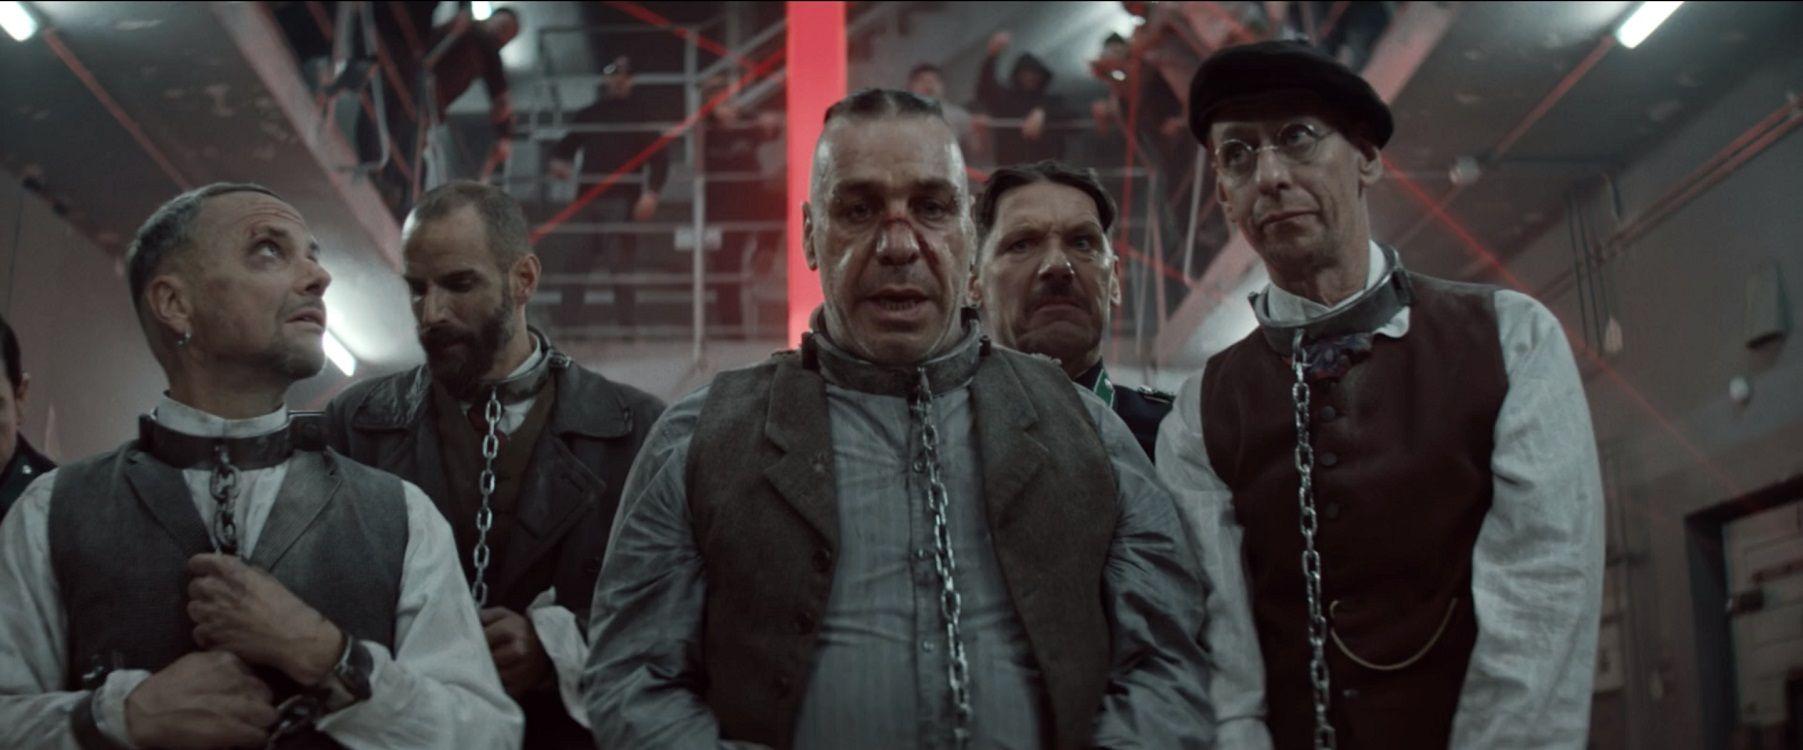 Indignación por un videoclip de Rammstein con fuertes imágenes sobre el nazismo